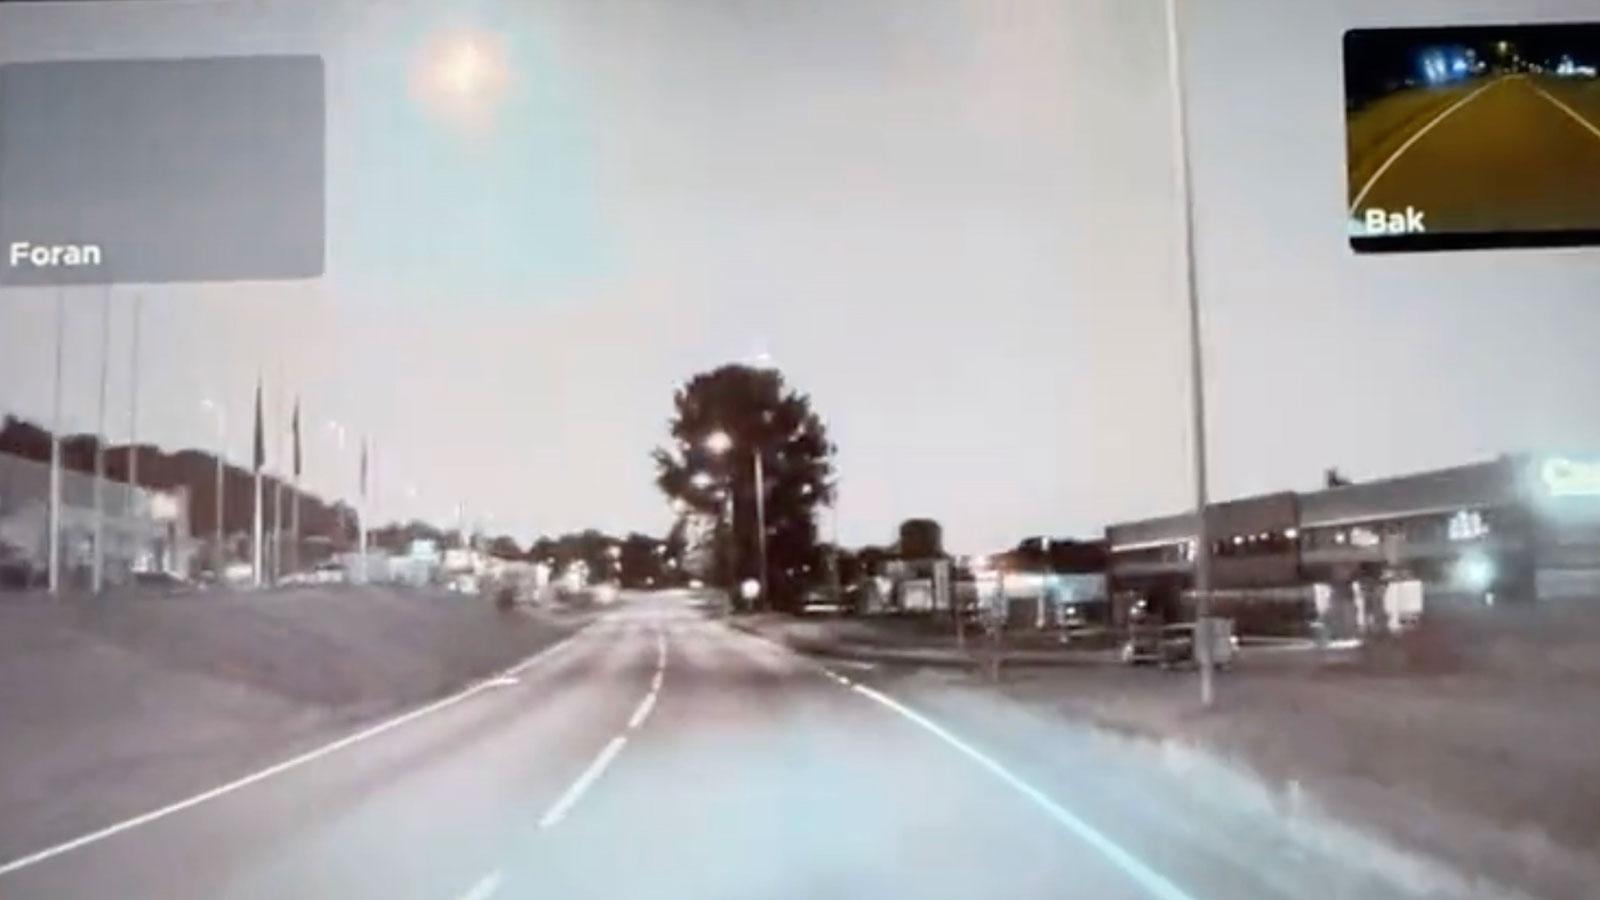 Halvor Svenning, 39, var ute och åkte med sin bil i Larvik, söder om Oslo. Han lyckades spara ner bilderna på meteoren från bilens kamera.